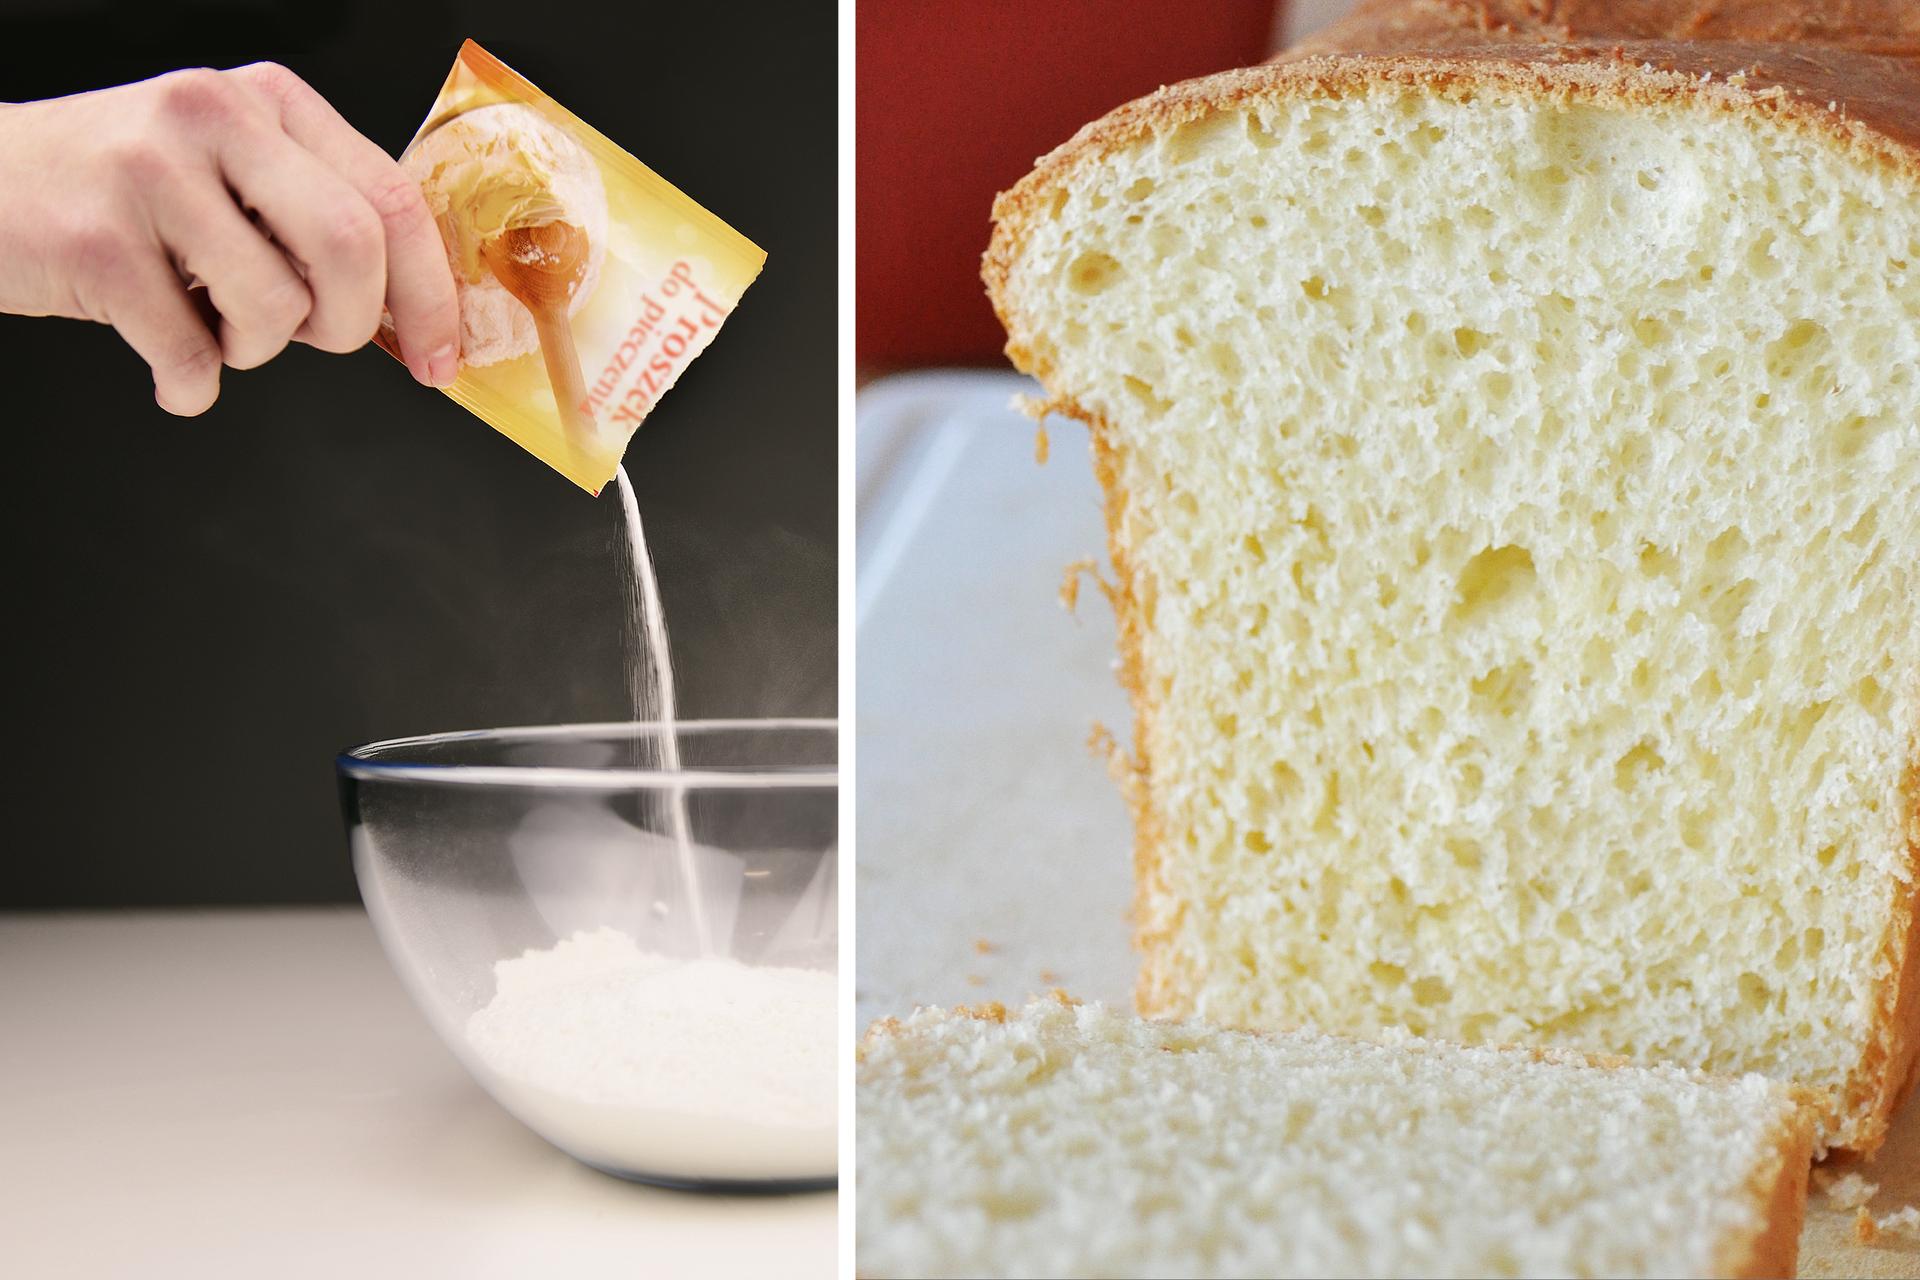 Zdjęcie przedstawiające zlewej strony dłoń wsypującą ztorebki proszek do pieczenia do miski, azprawej strony przekrój wyrośniętego ciasta.